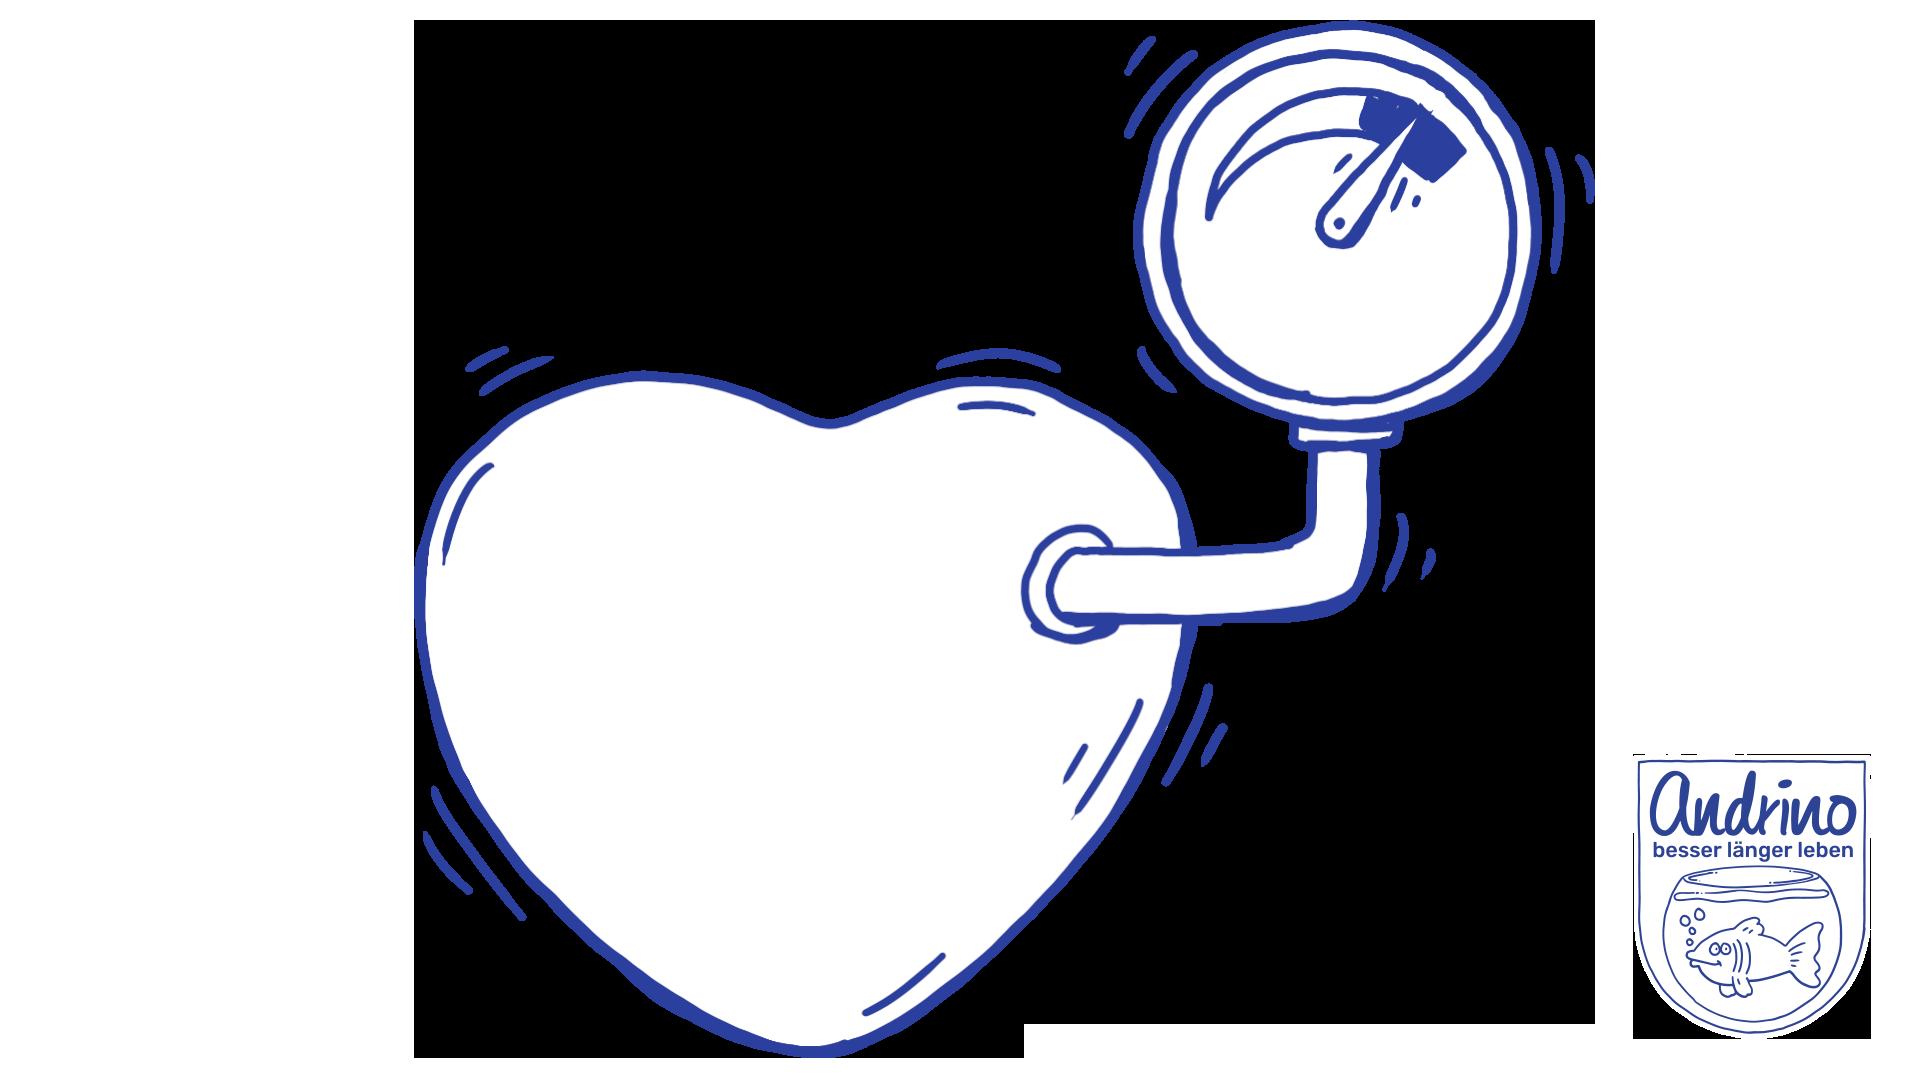 Bluthochdruck - Chronische Erkrankung oder Regulationsverlust?